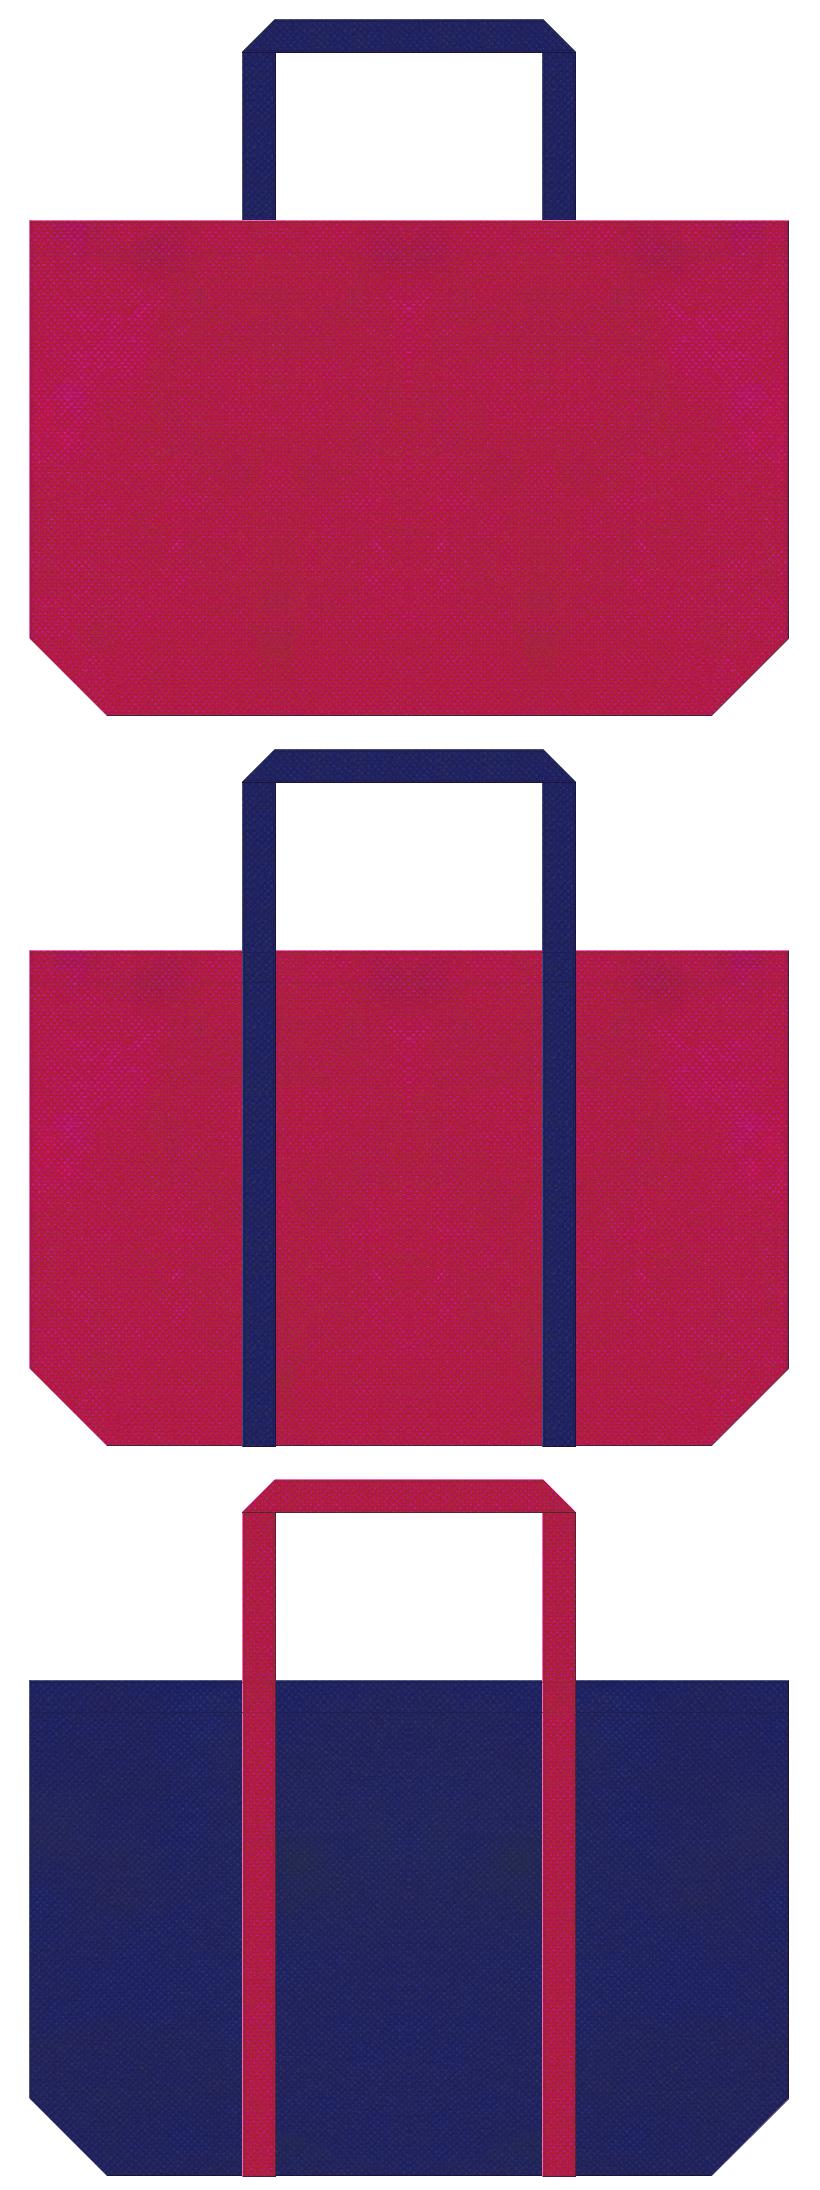 濃いピンク色と明るい紺色の不織布ショッピングバッグデザイン:スポーツバッグにお奨めです。